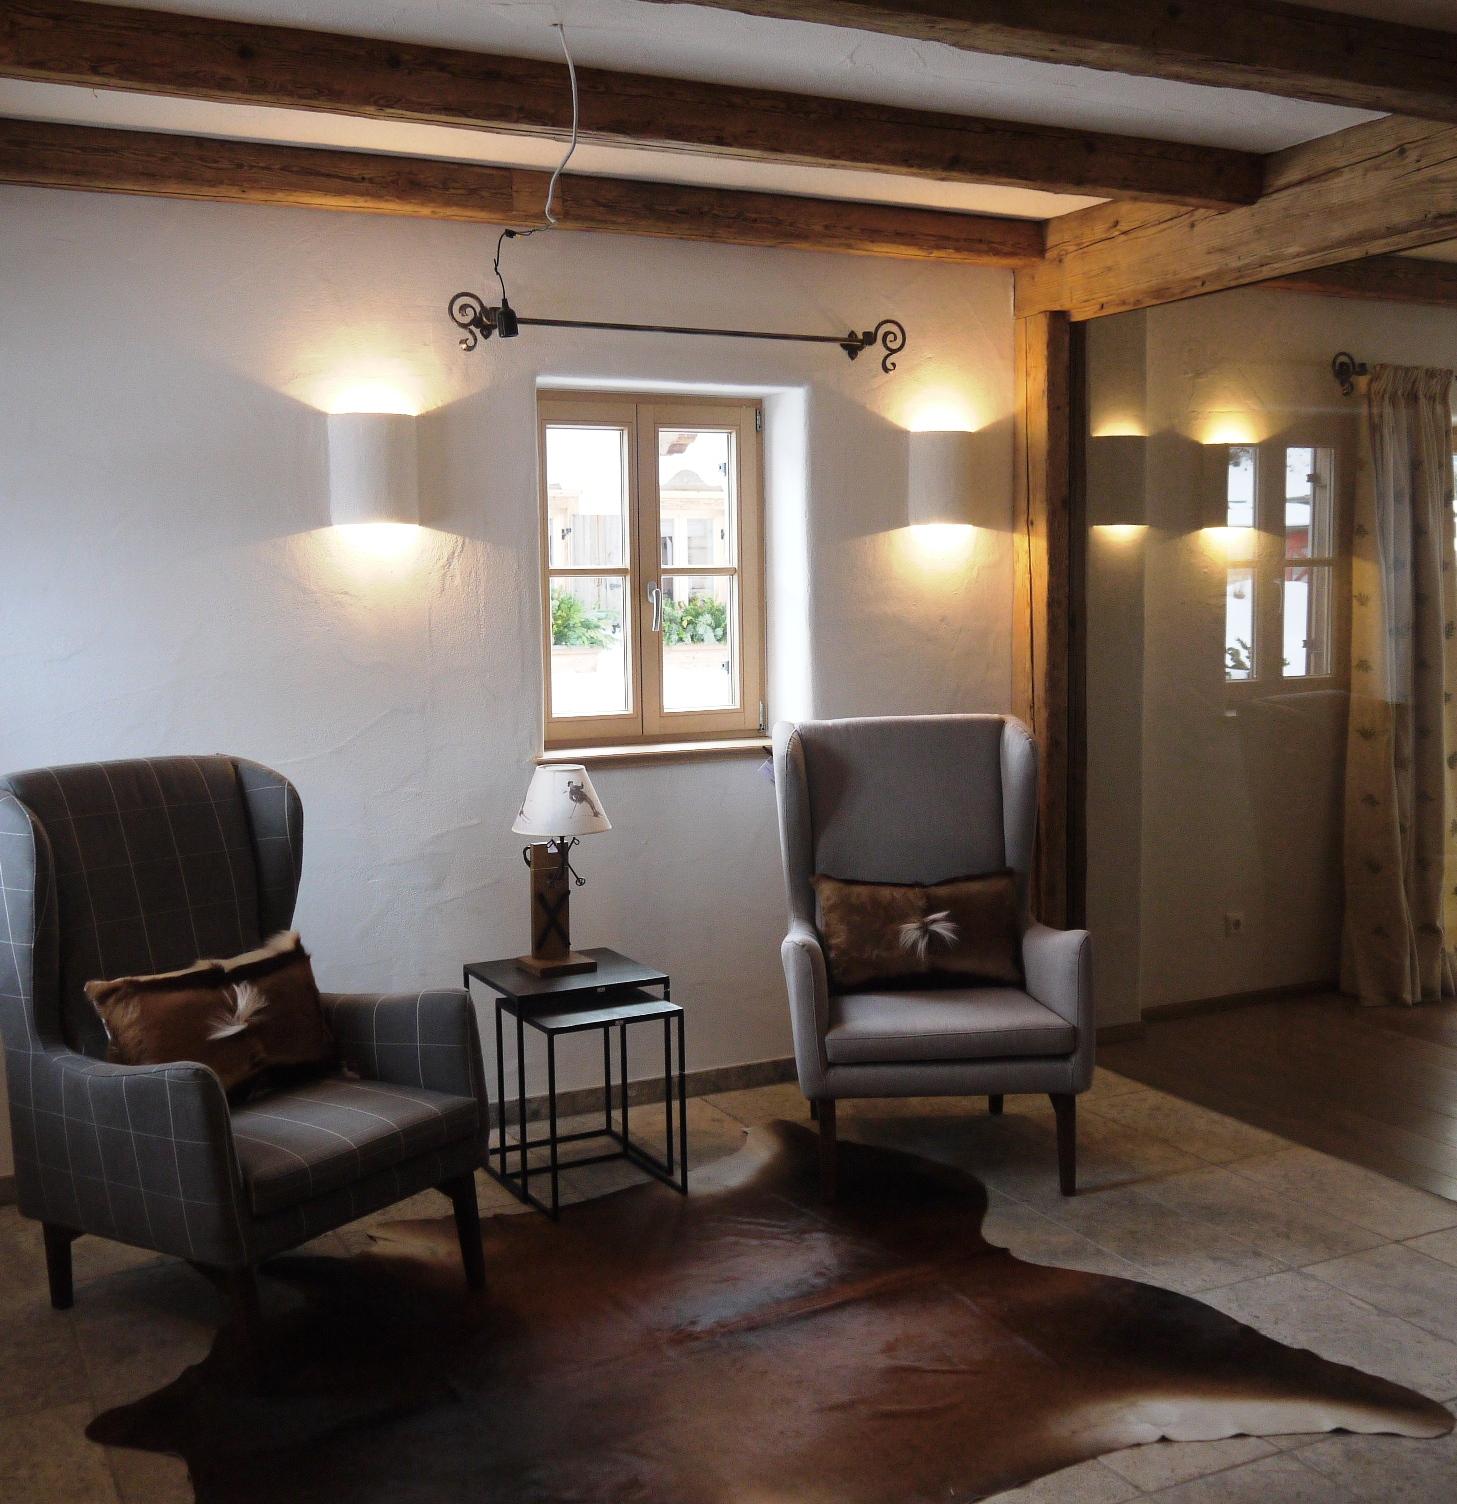 Leseecke im Wohnzimmer des Tiroler Chalets in Going